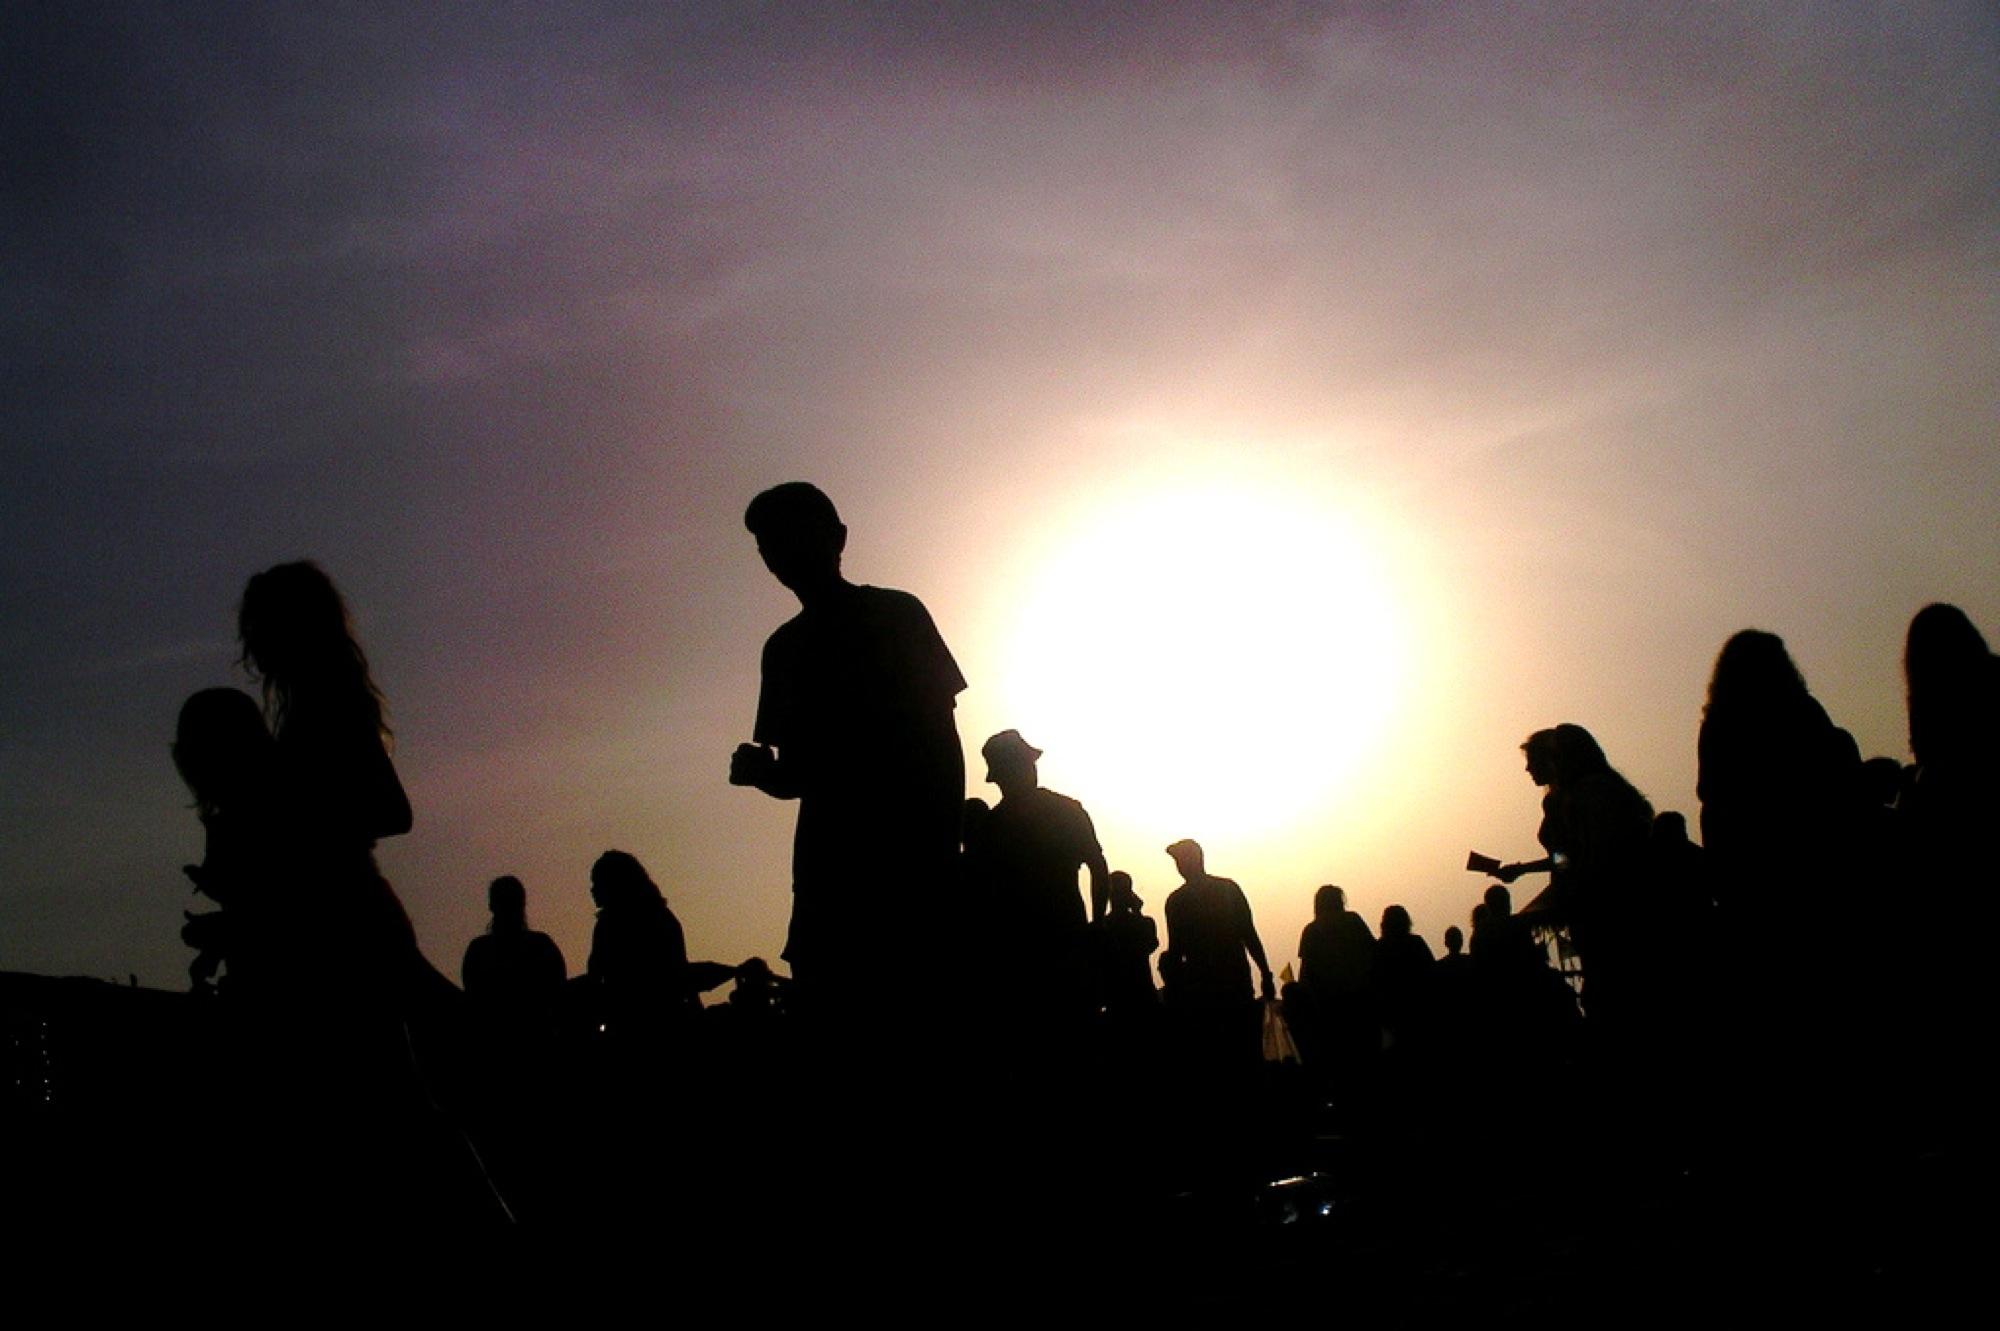 Mange mennesker med stor sol i bakgrunn